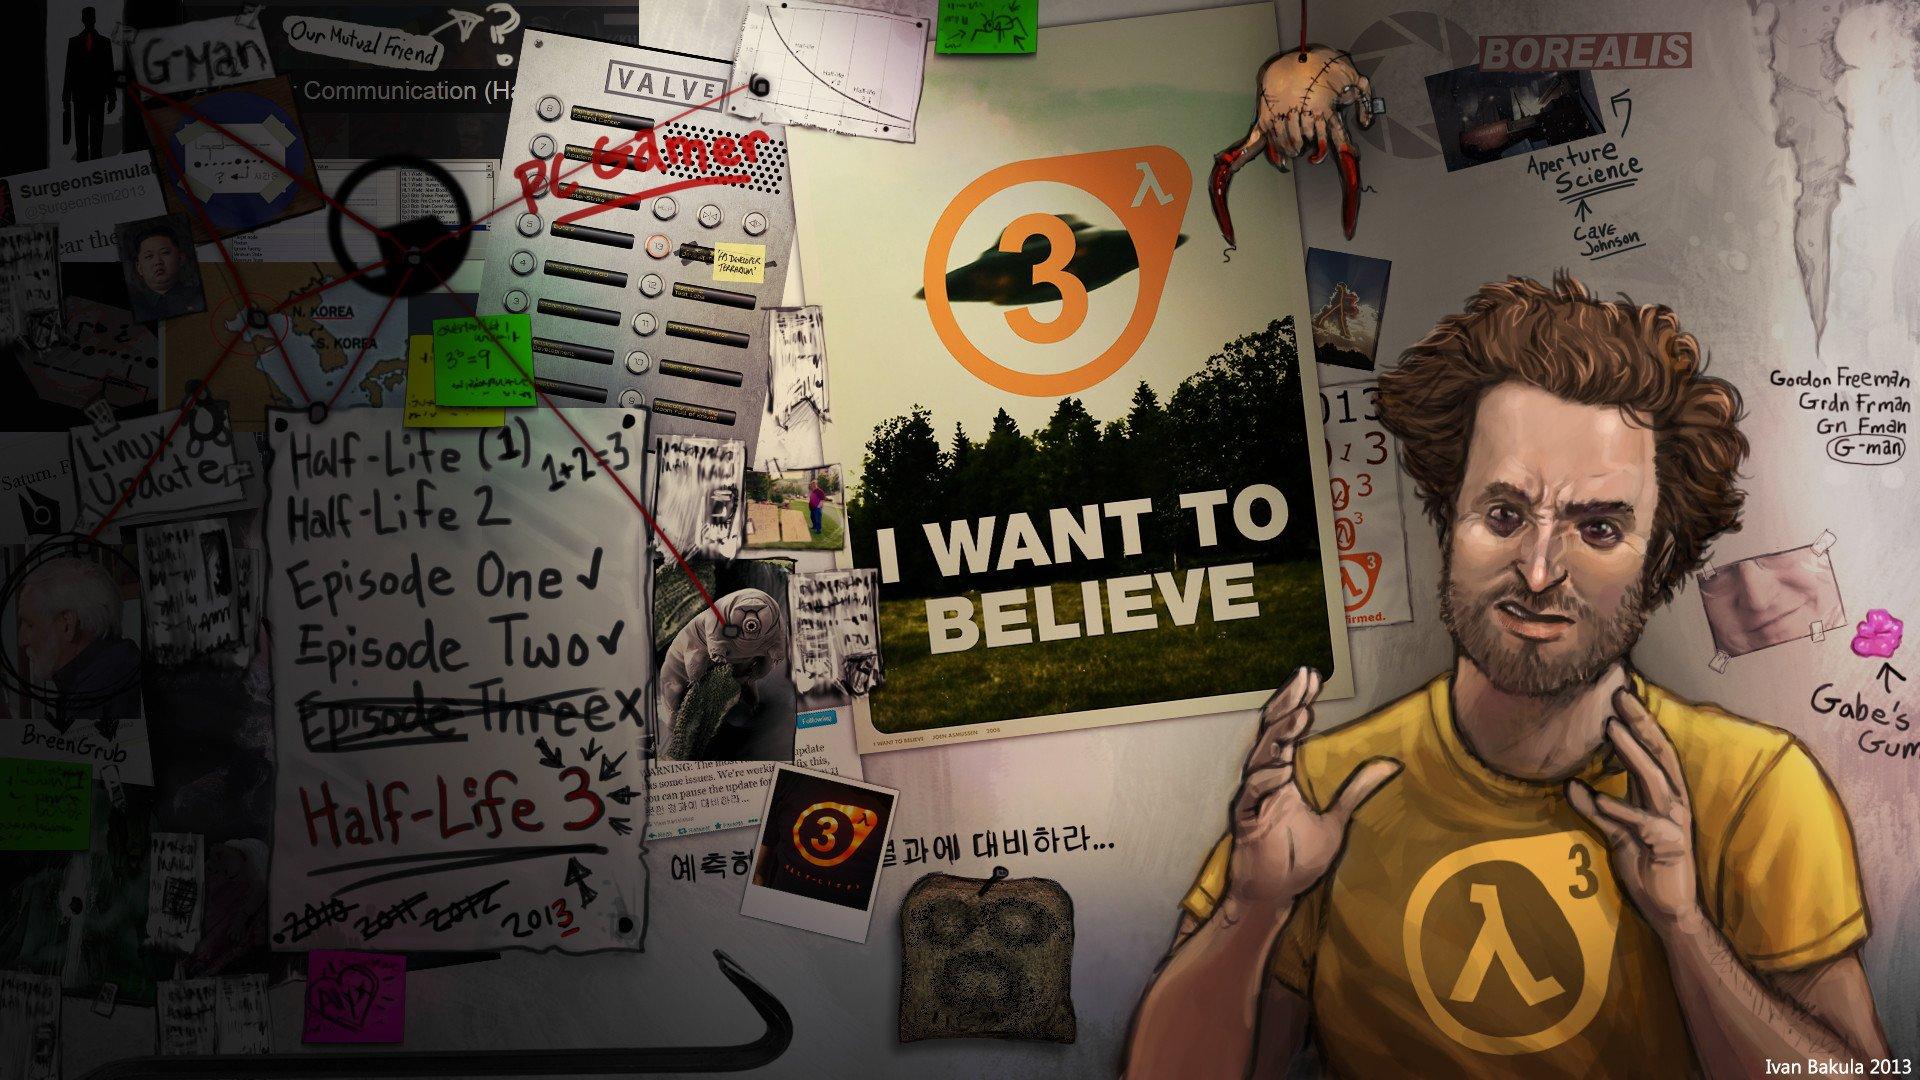 """Каждый, кто заявляет что """"Half-Life 3 Confirmed!""""#HL3 #паранойя  - Изображение 1"""